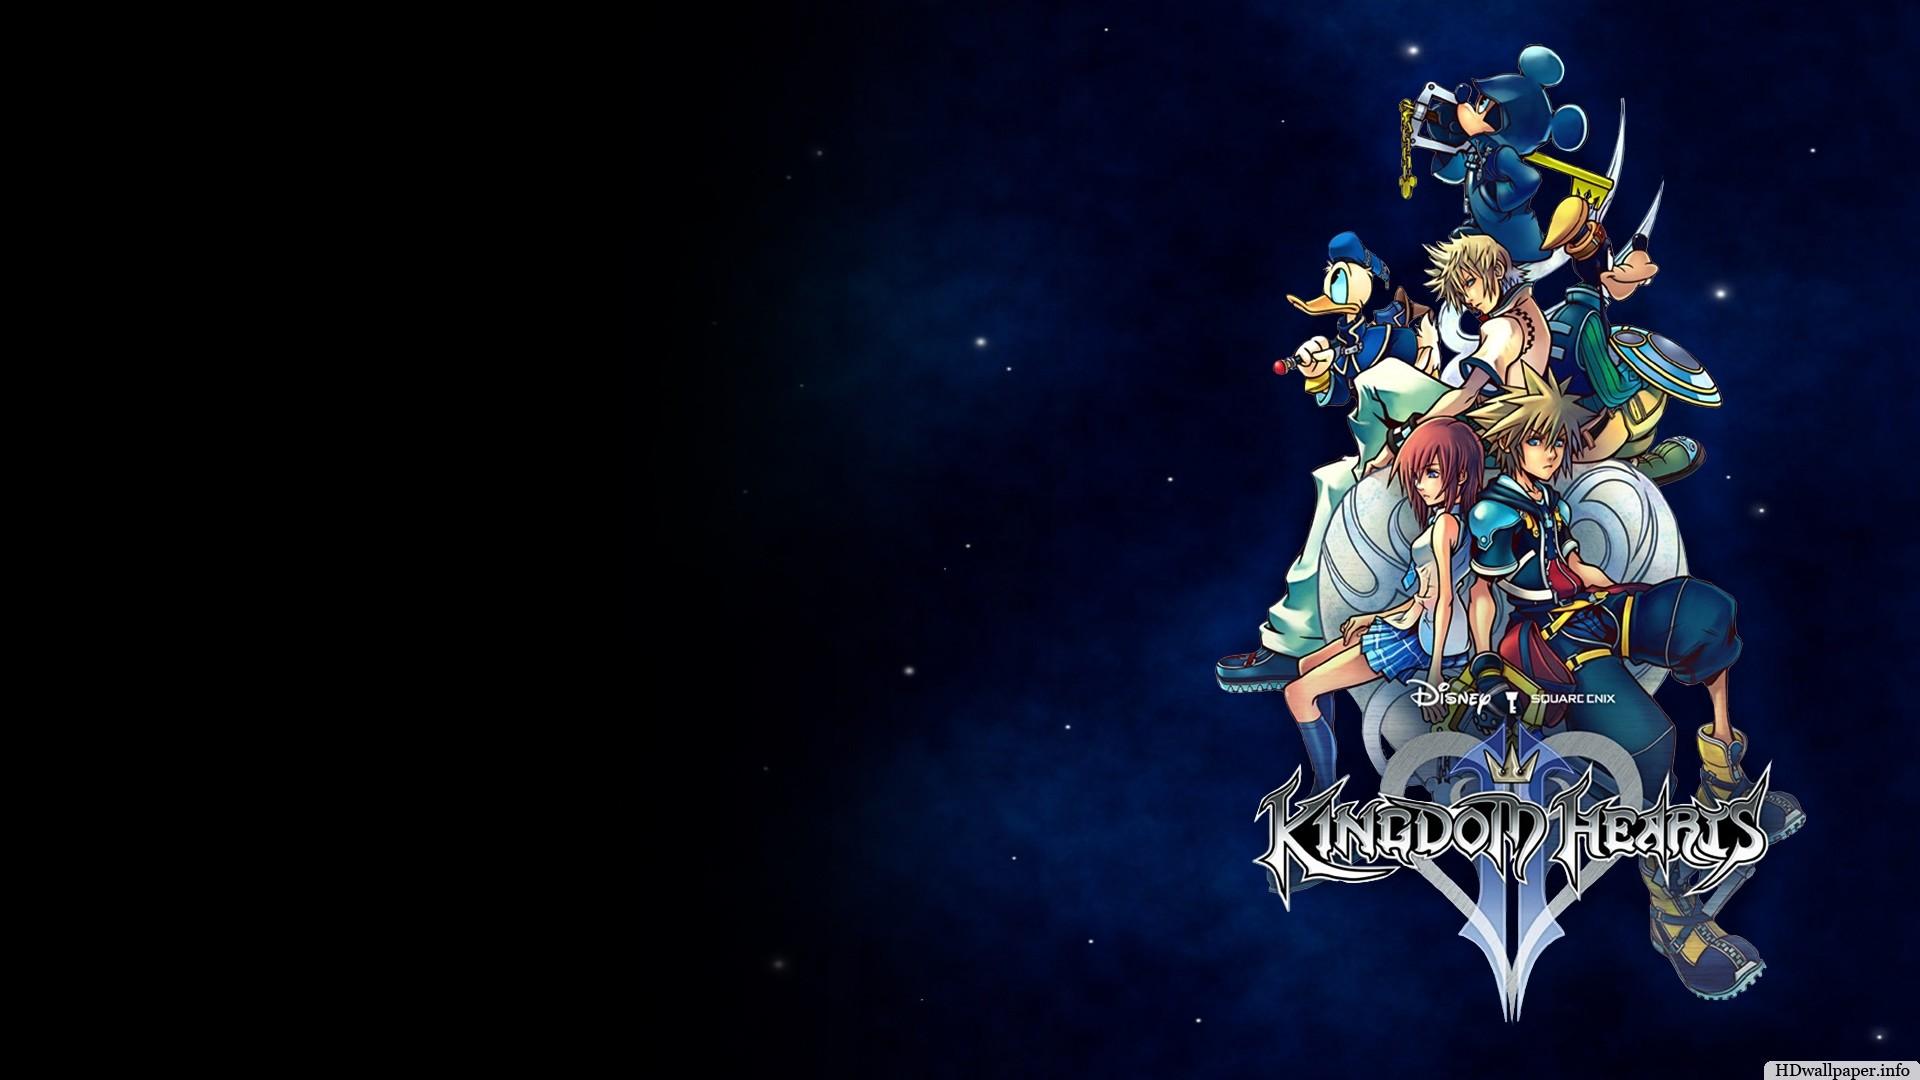 Kingdom Hearts II Wallpaper by on DeviantArt